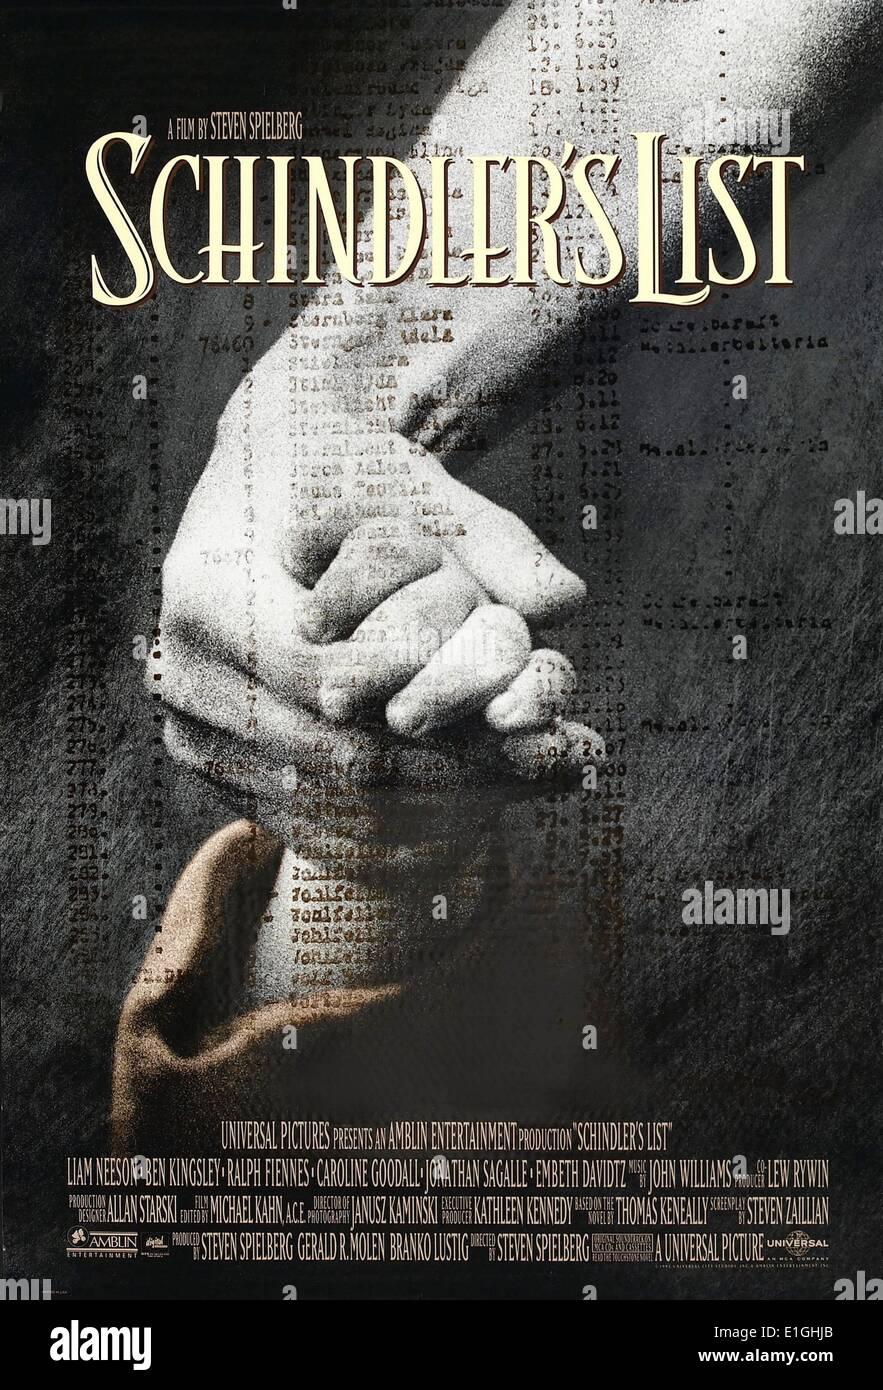 'Schindler's List' en 1993, una película de drama histórico épico americano, ganador de 7 Oscars incluyendo mejor película, protagonizada por Liam Neeson, Imagen De Stock